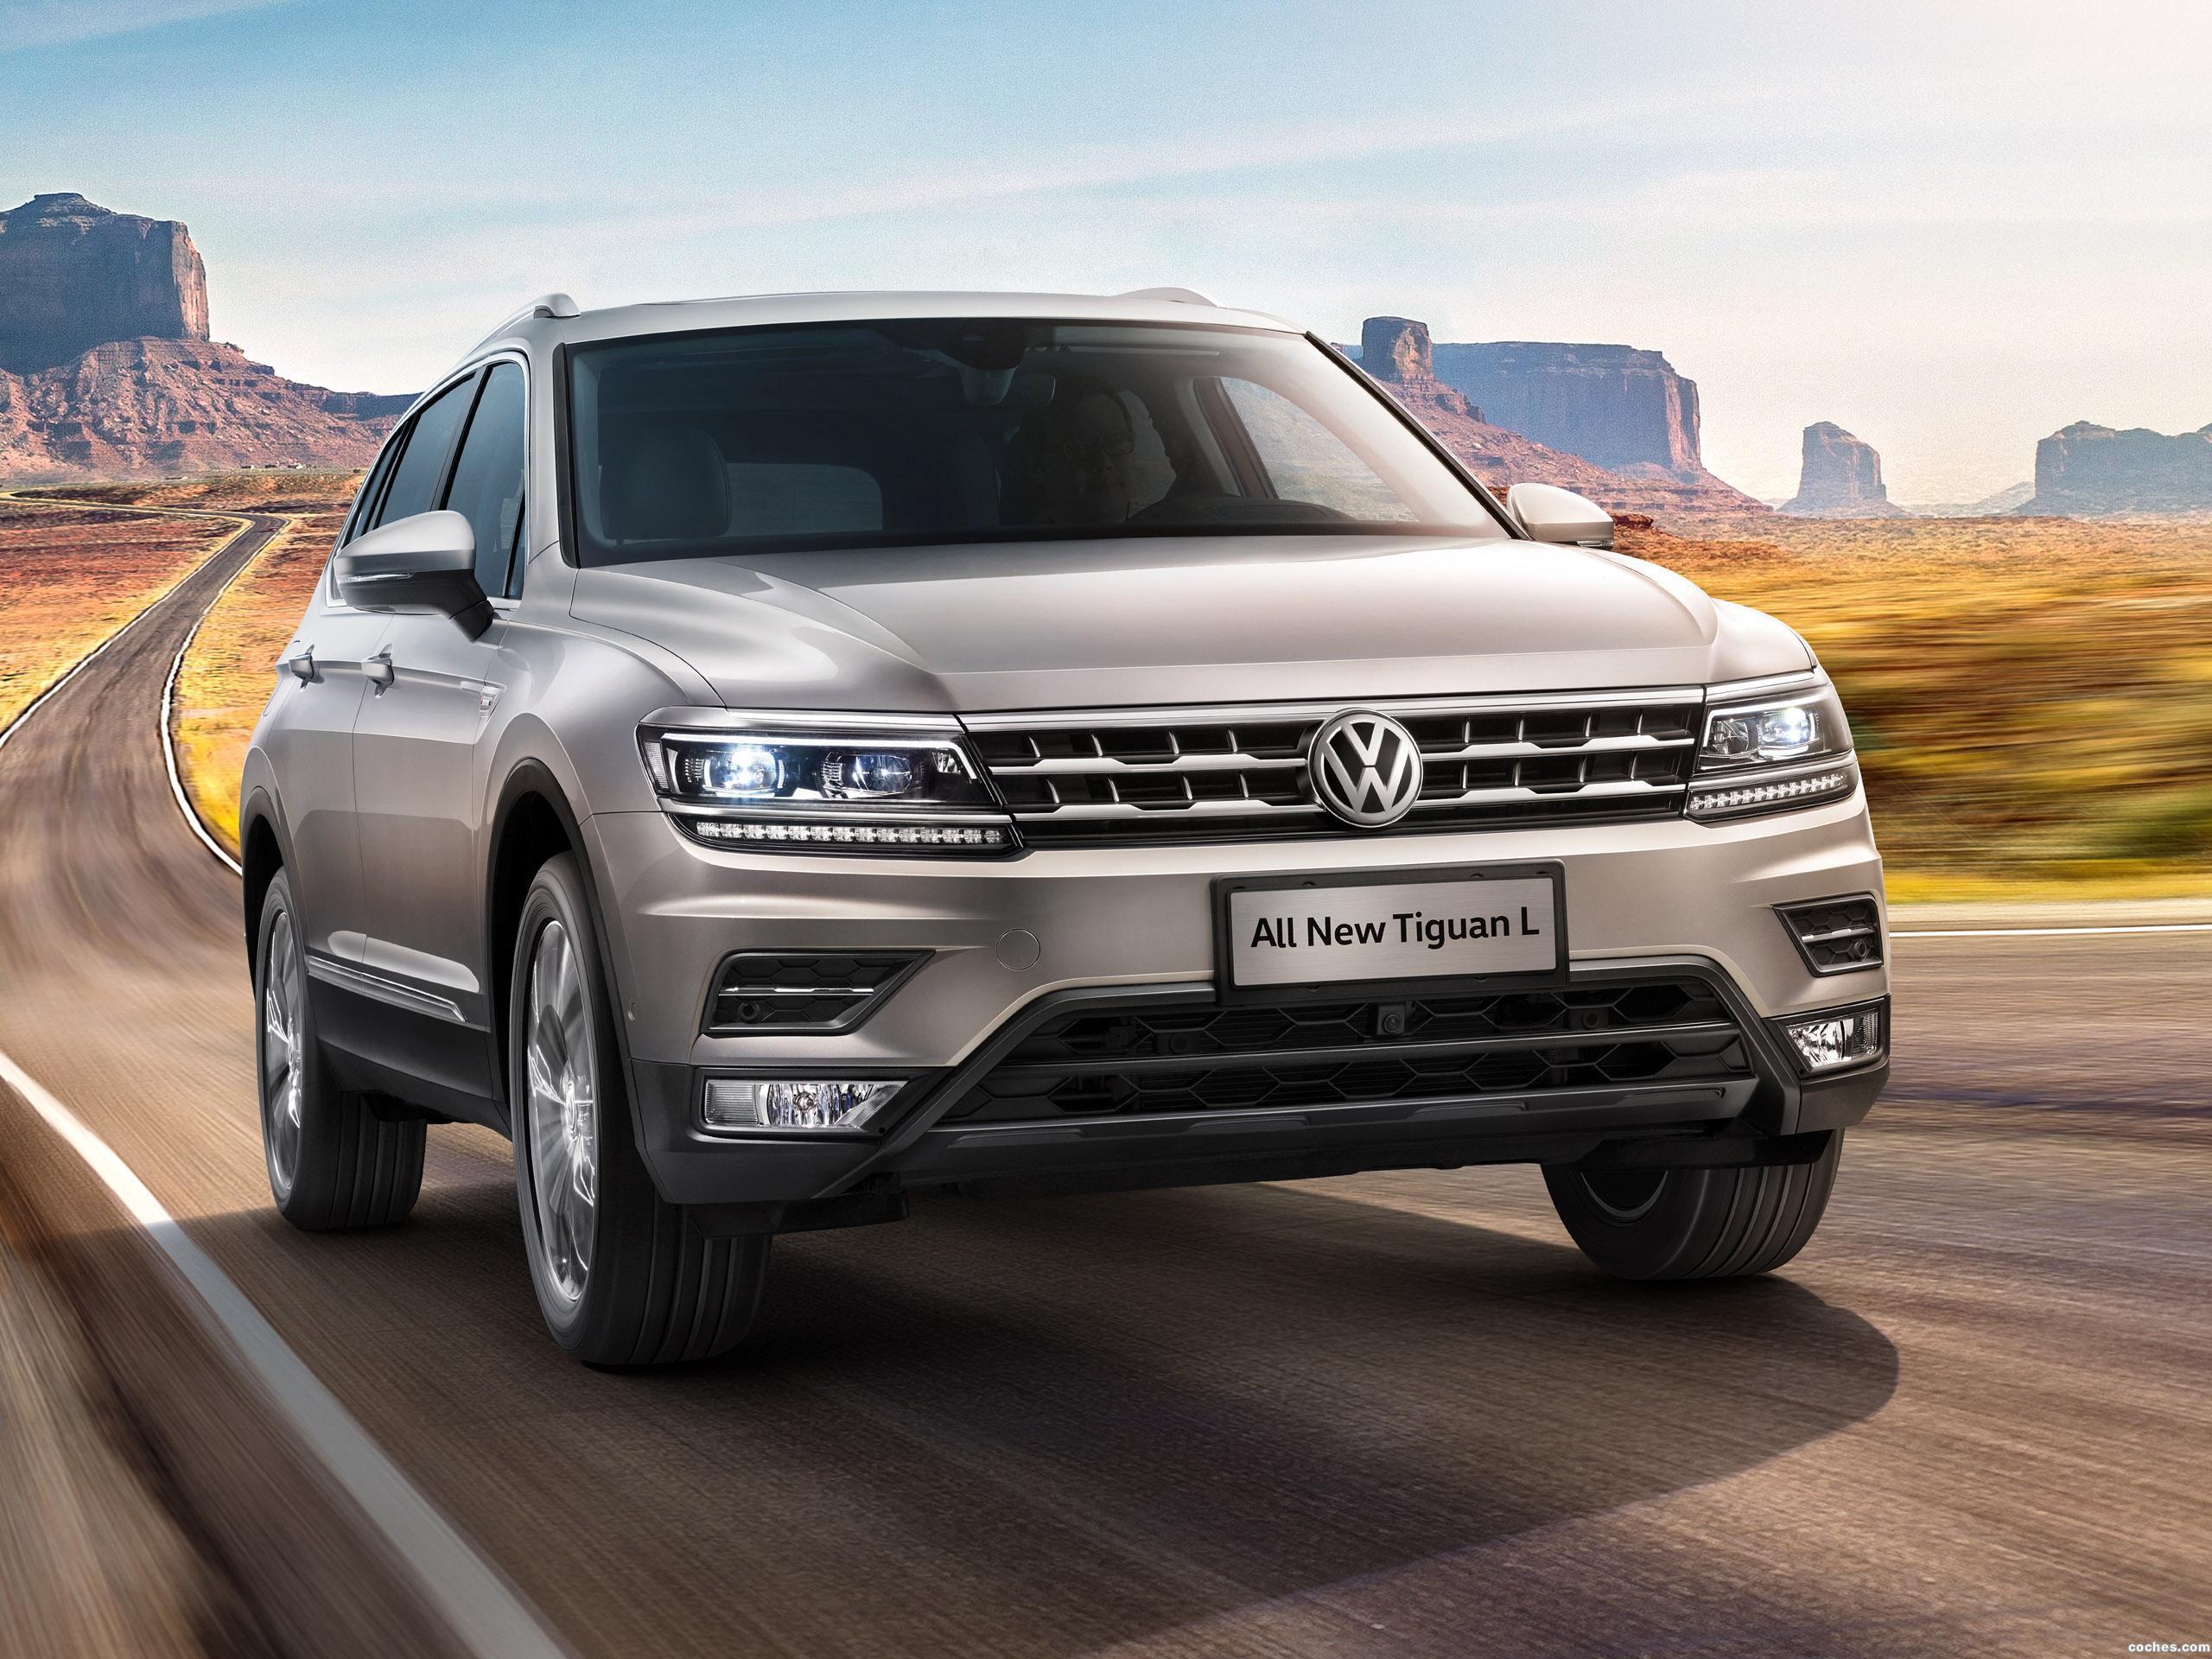 Foto 0 de Volkswagen Tiguan L China  2017